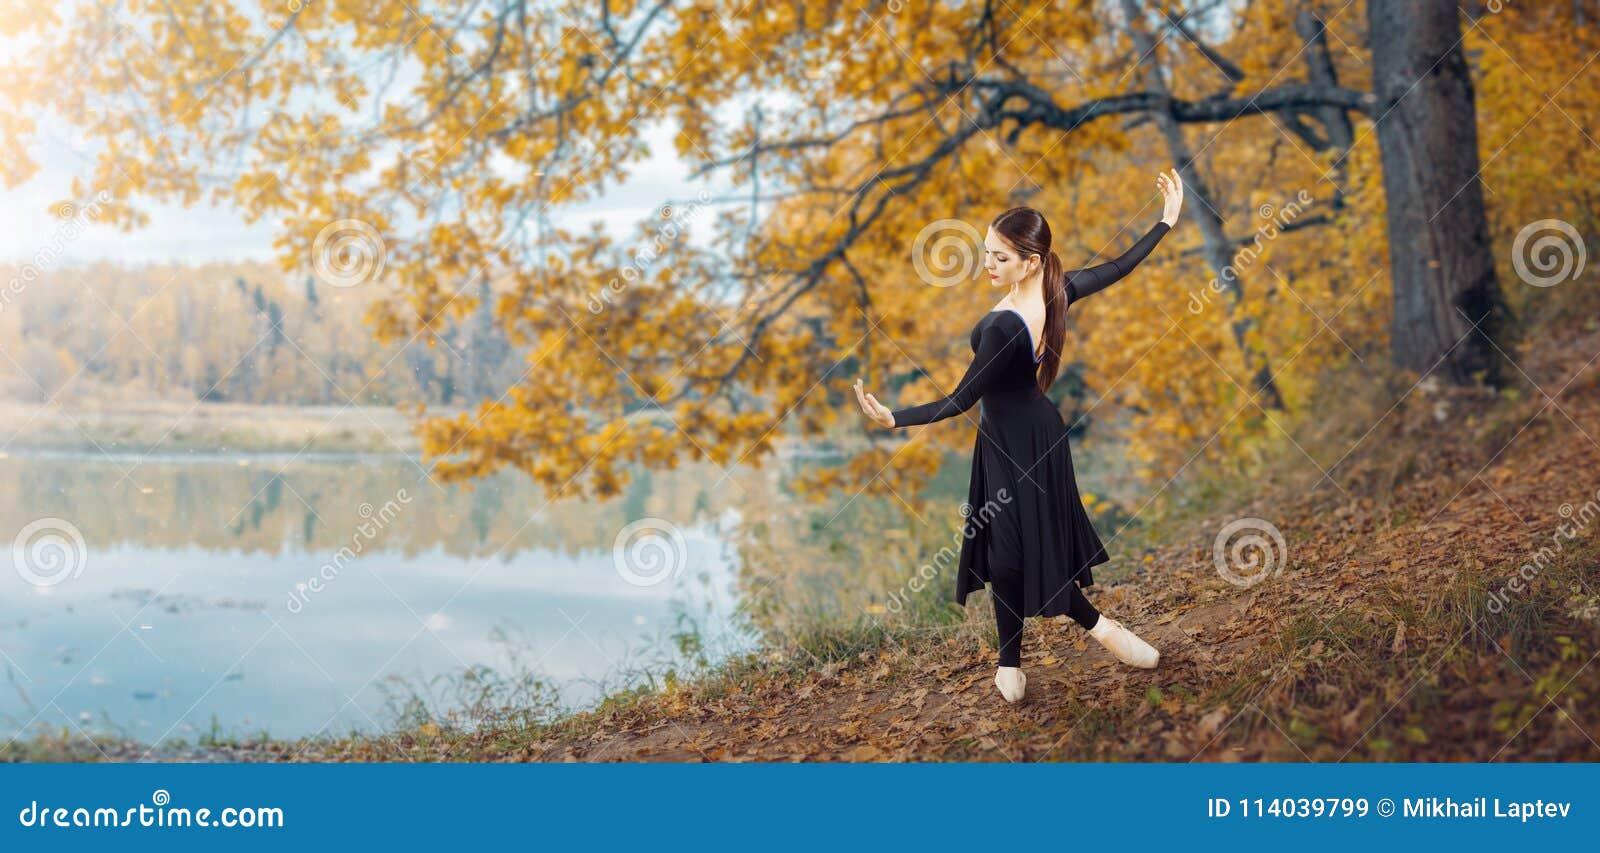 Σύγχρονος χορευτής μπαλέτου στο πάρκο φθινοπώρου